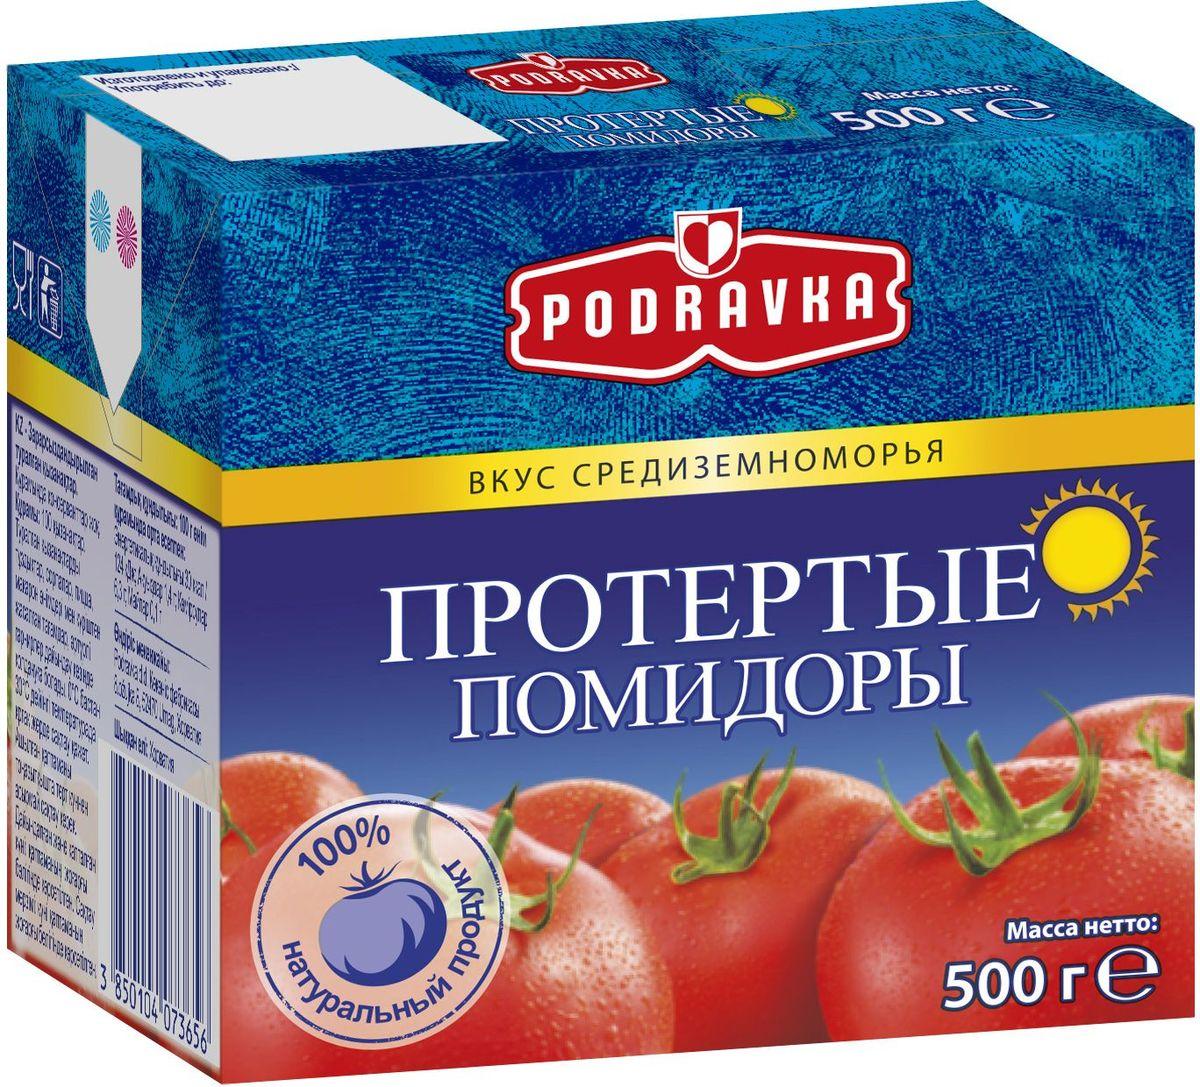 Podravka помидоры протертые, 500 г3160007Томатная продукция Podravka производится из средиземноморских помидоров, выращенных под открытым солнцем и полезных для здоровья.Отличительные особенности томатной продукции Podravka: натуральная, свежая, удобная в приготовлении, низкокалорийная, без консервантов, с высоким содержанием ликопена.